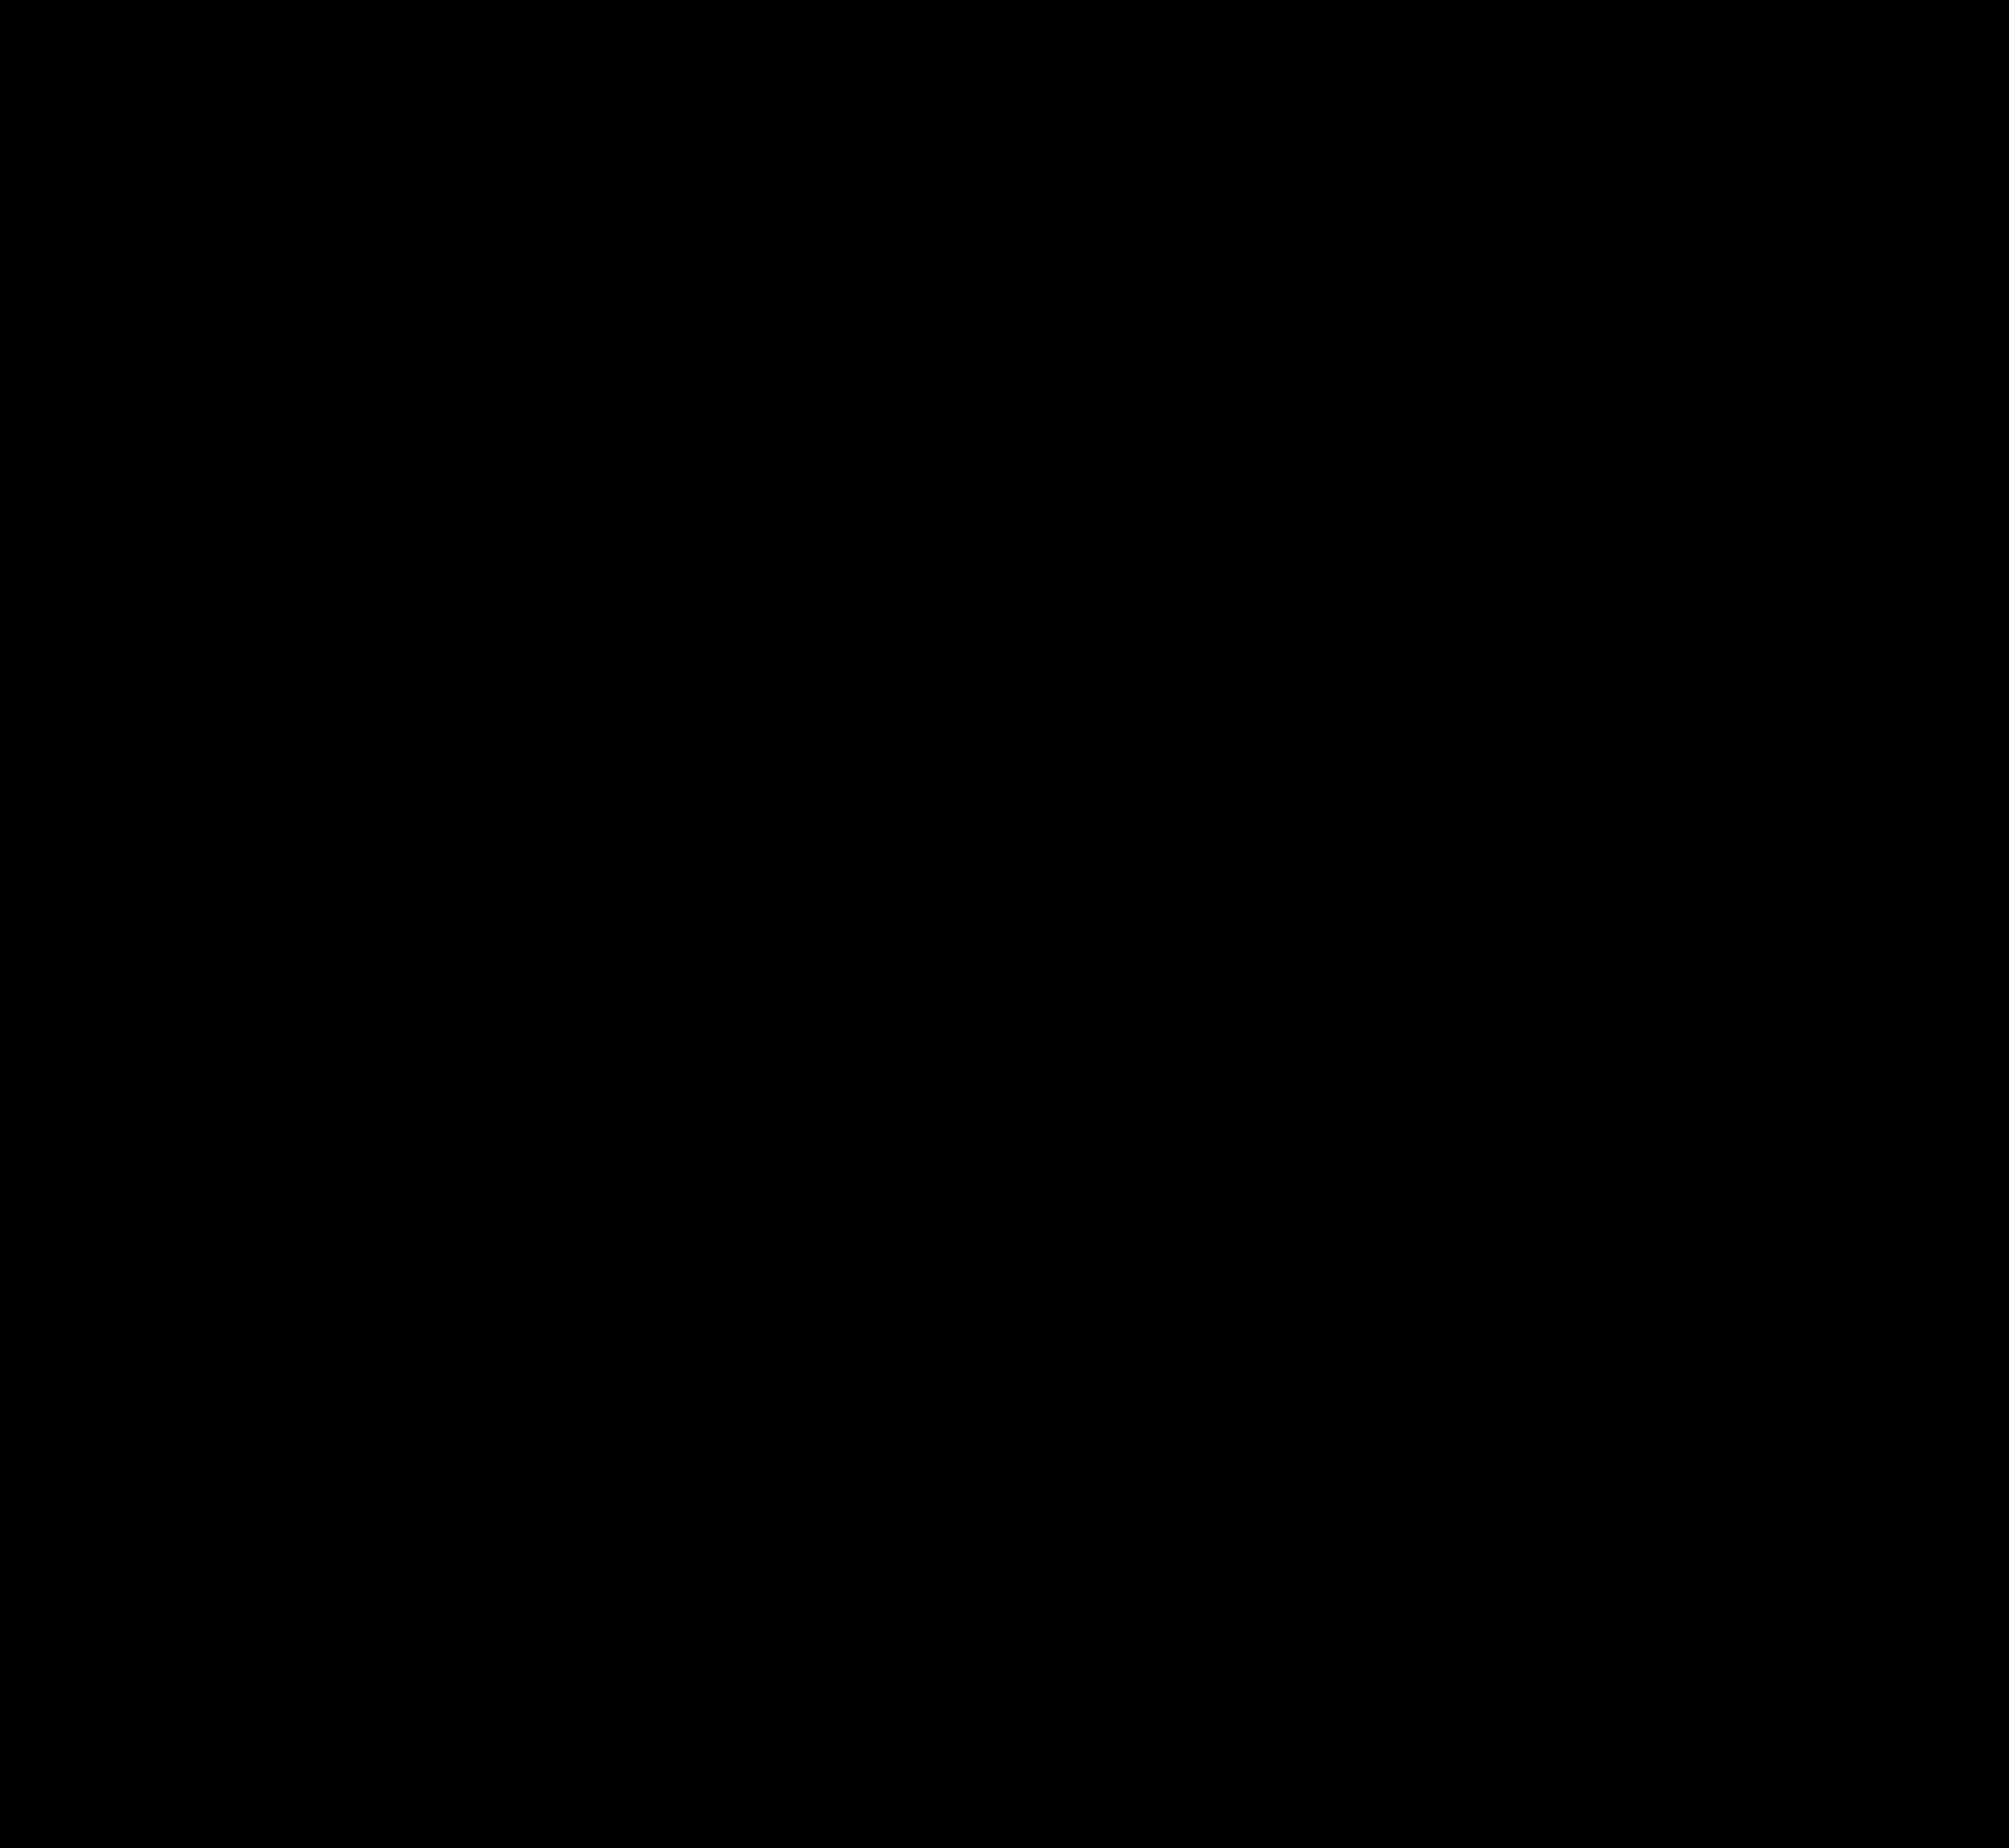 Organizaciones impulsoras de la campaña #OaxacaSinChatarra instamos a la Comisión de Educación de Diputados a aprobar la reforma a la Ley General de Educación y garantizar escuelas saludables en México.